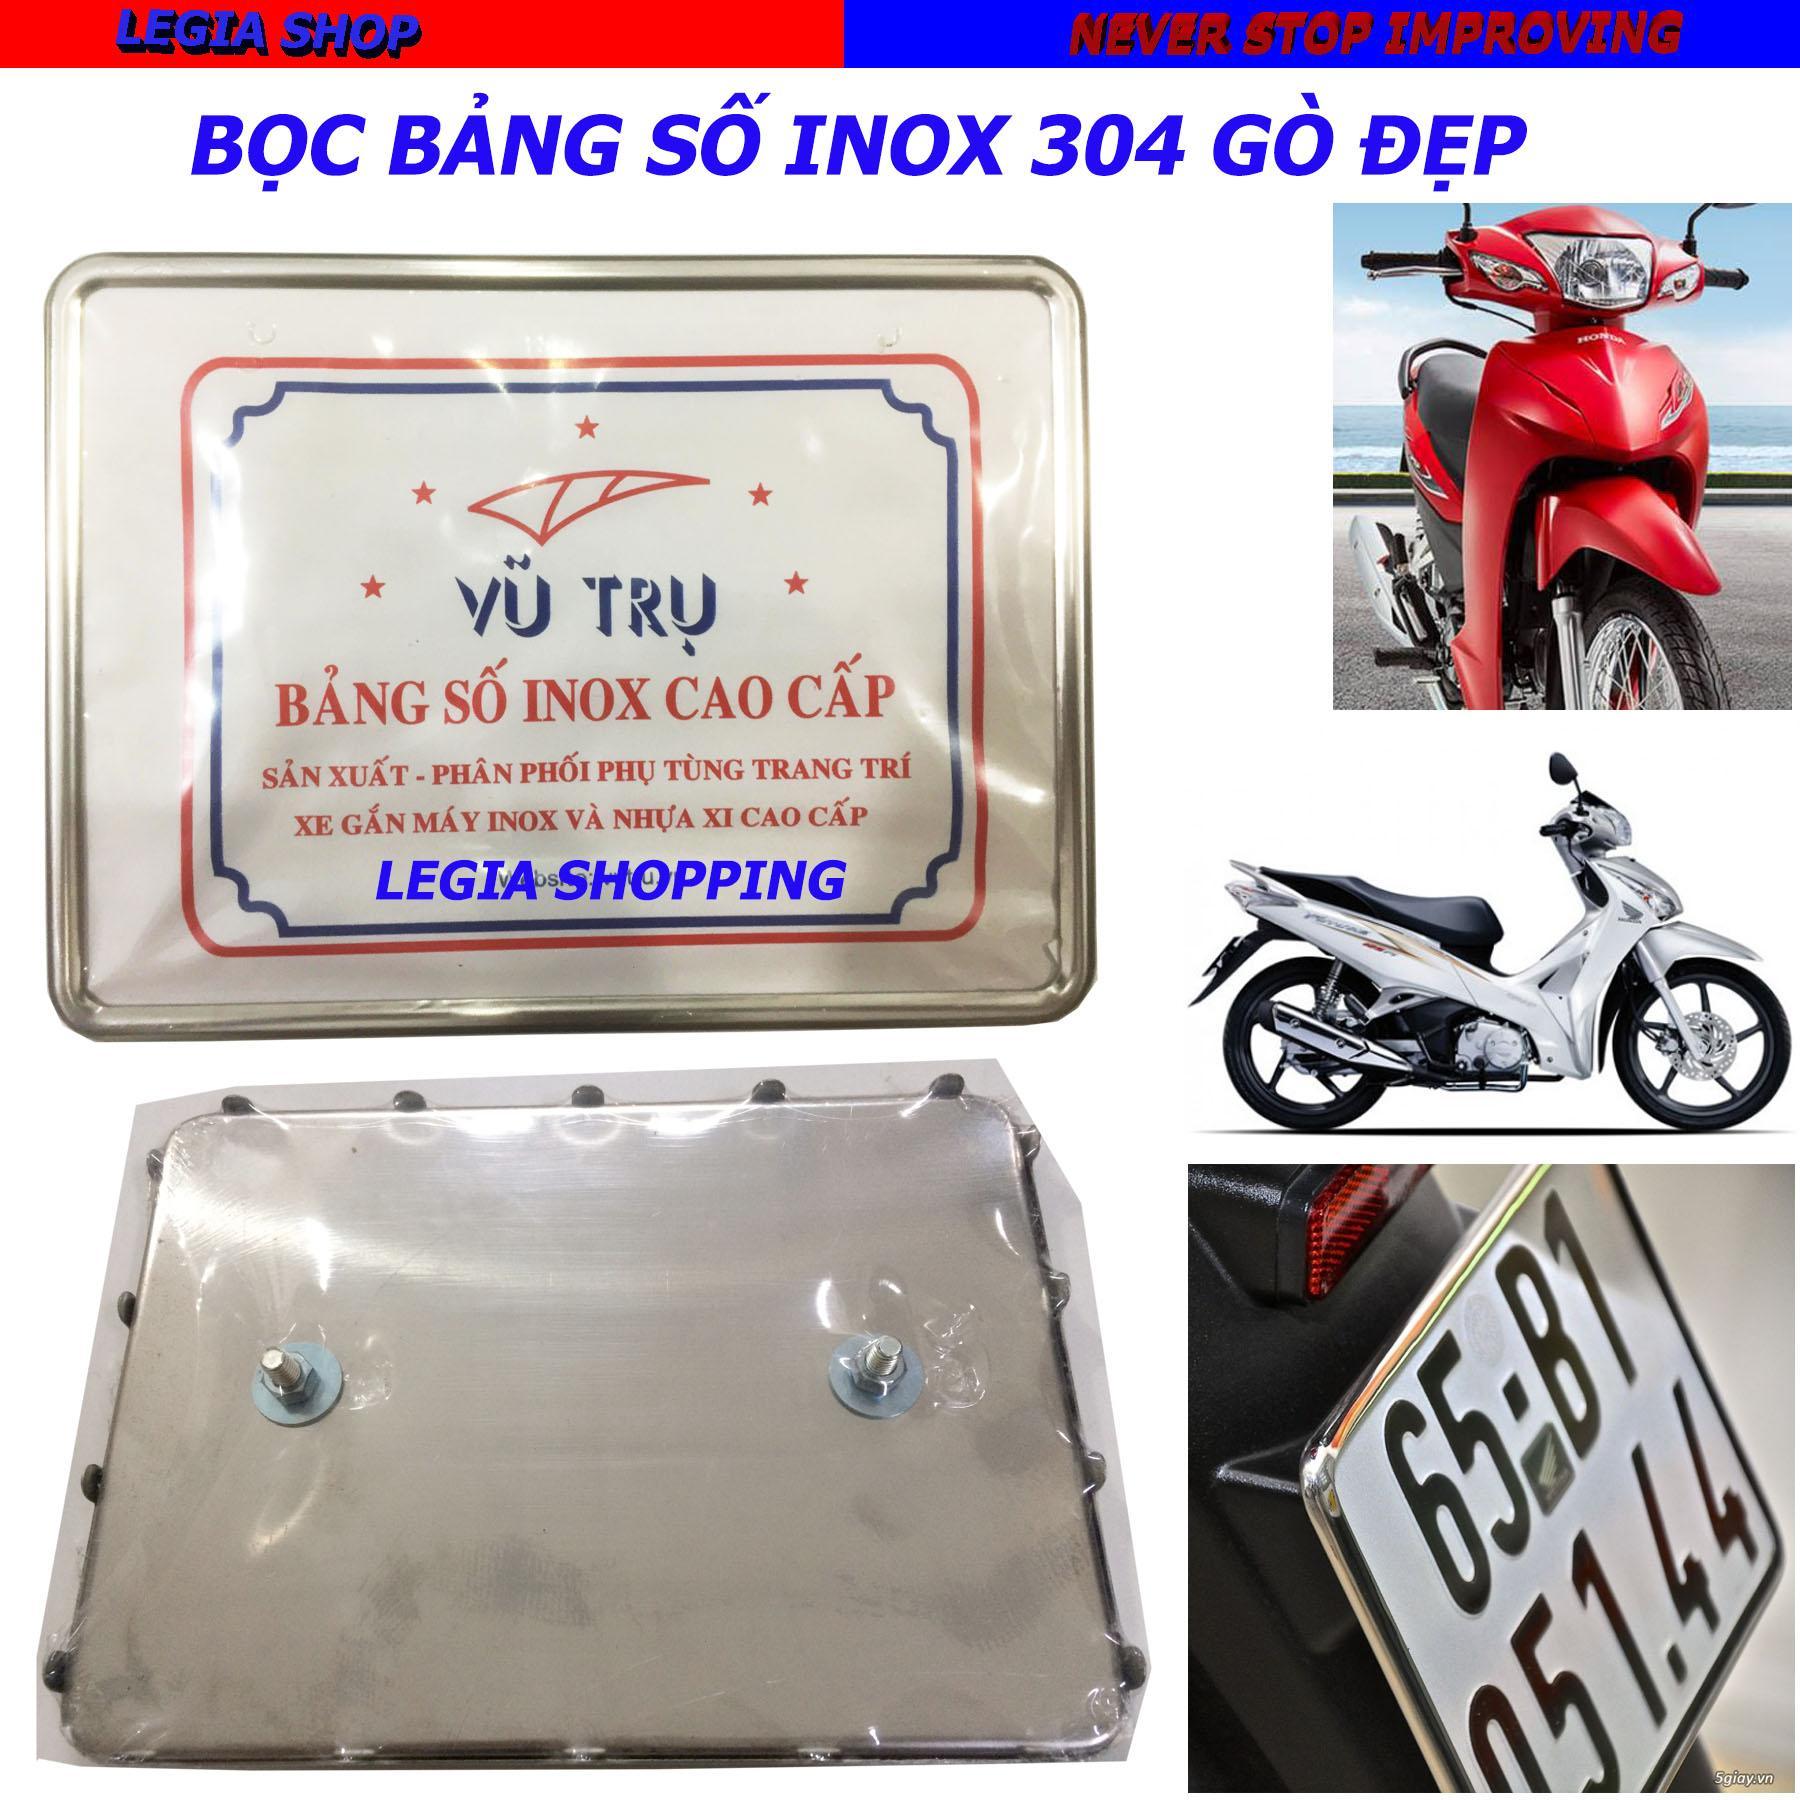 BỌC BẢNG SỐ - KẸP BẢNG SỐ INOX CAO CẤP VT GẮN XE HONDA FUTRUE 125 / RS 100 / WAVE BLADE / RSX 110